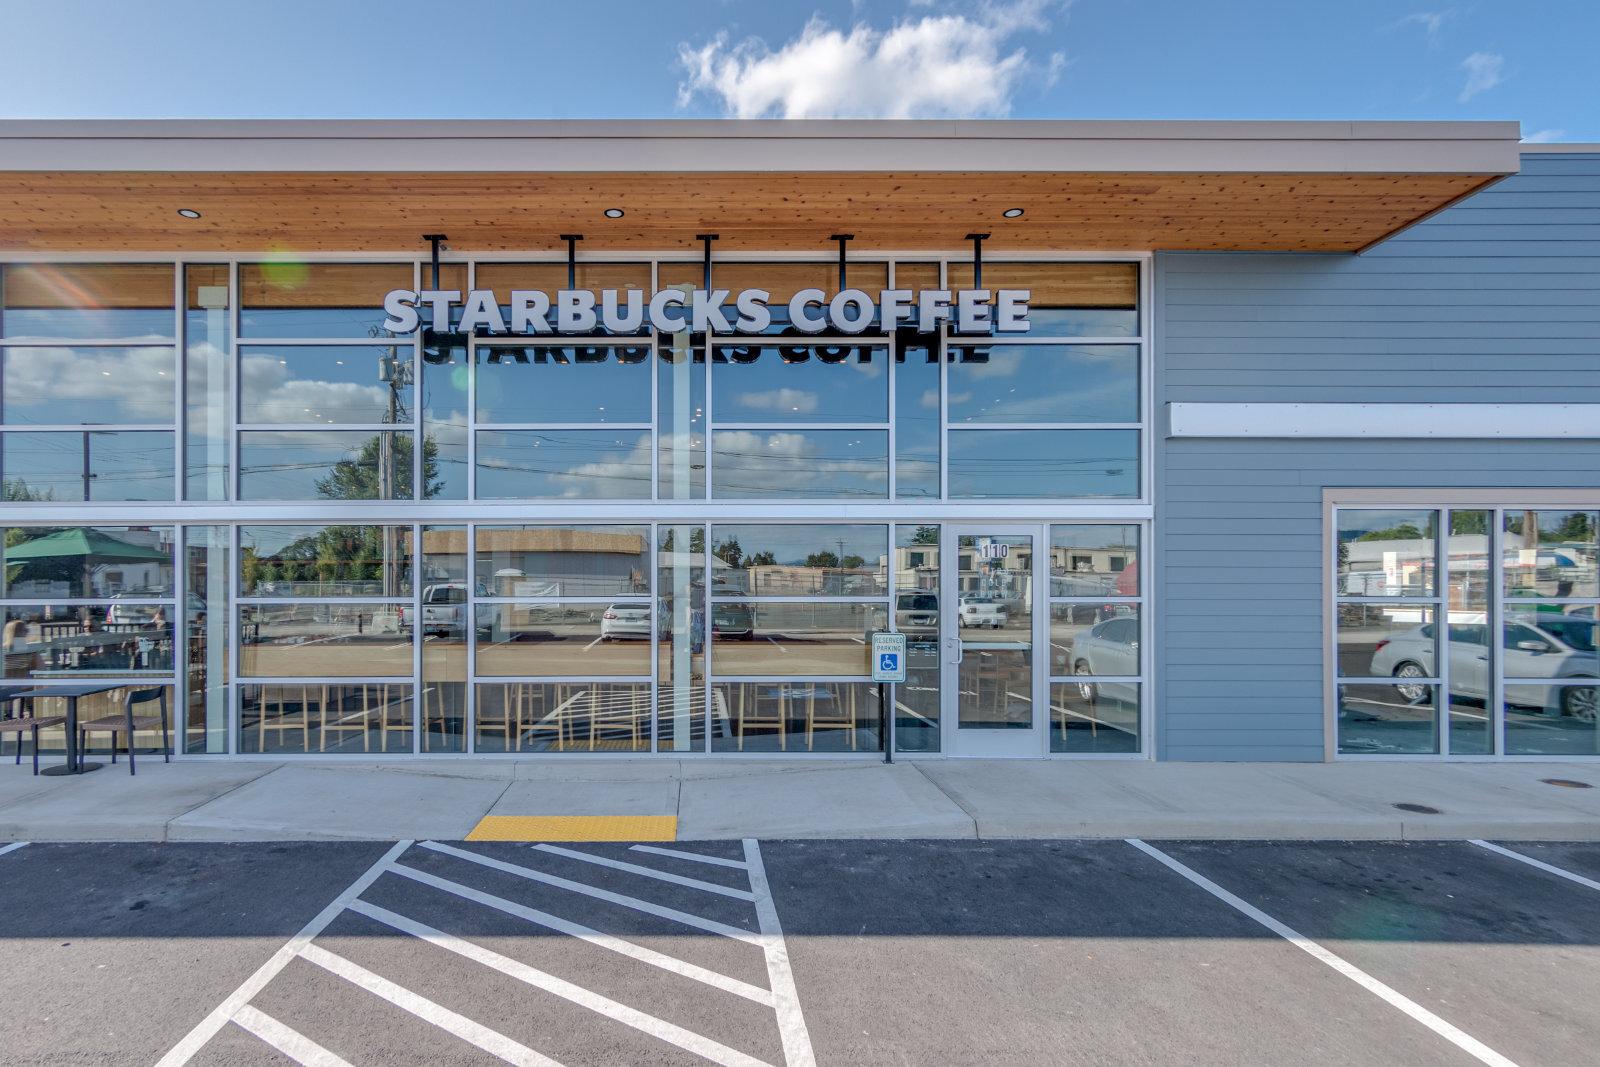 Brittell-Starbucks-WashingtonSt-005-BrokenBanjo1600.jpg